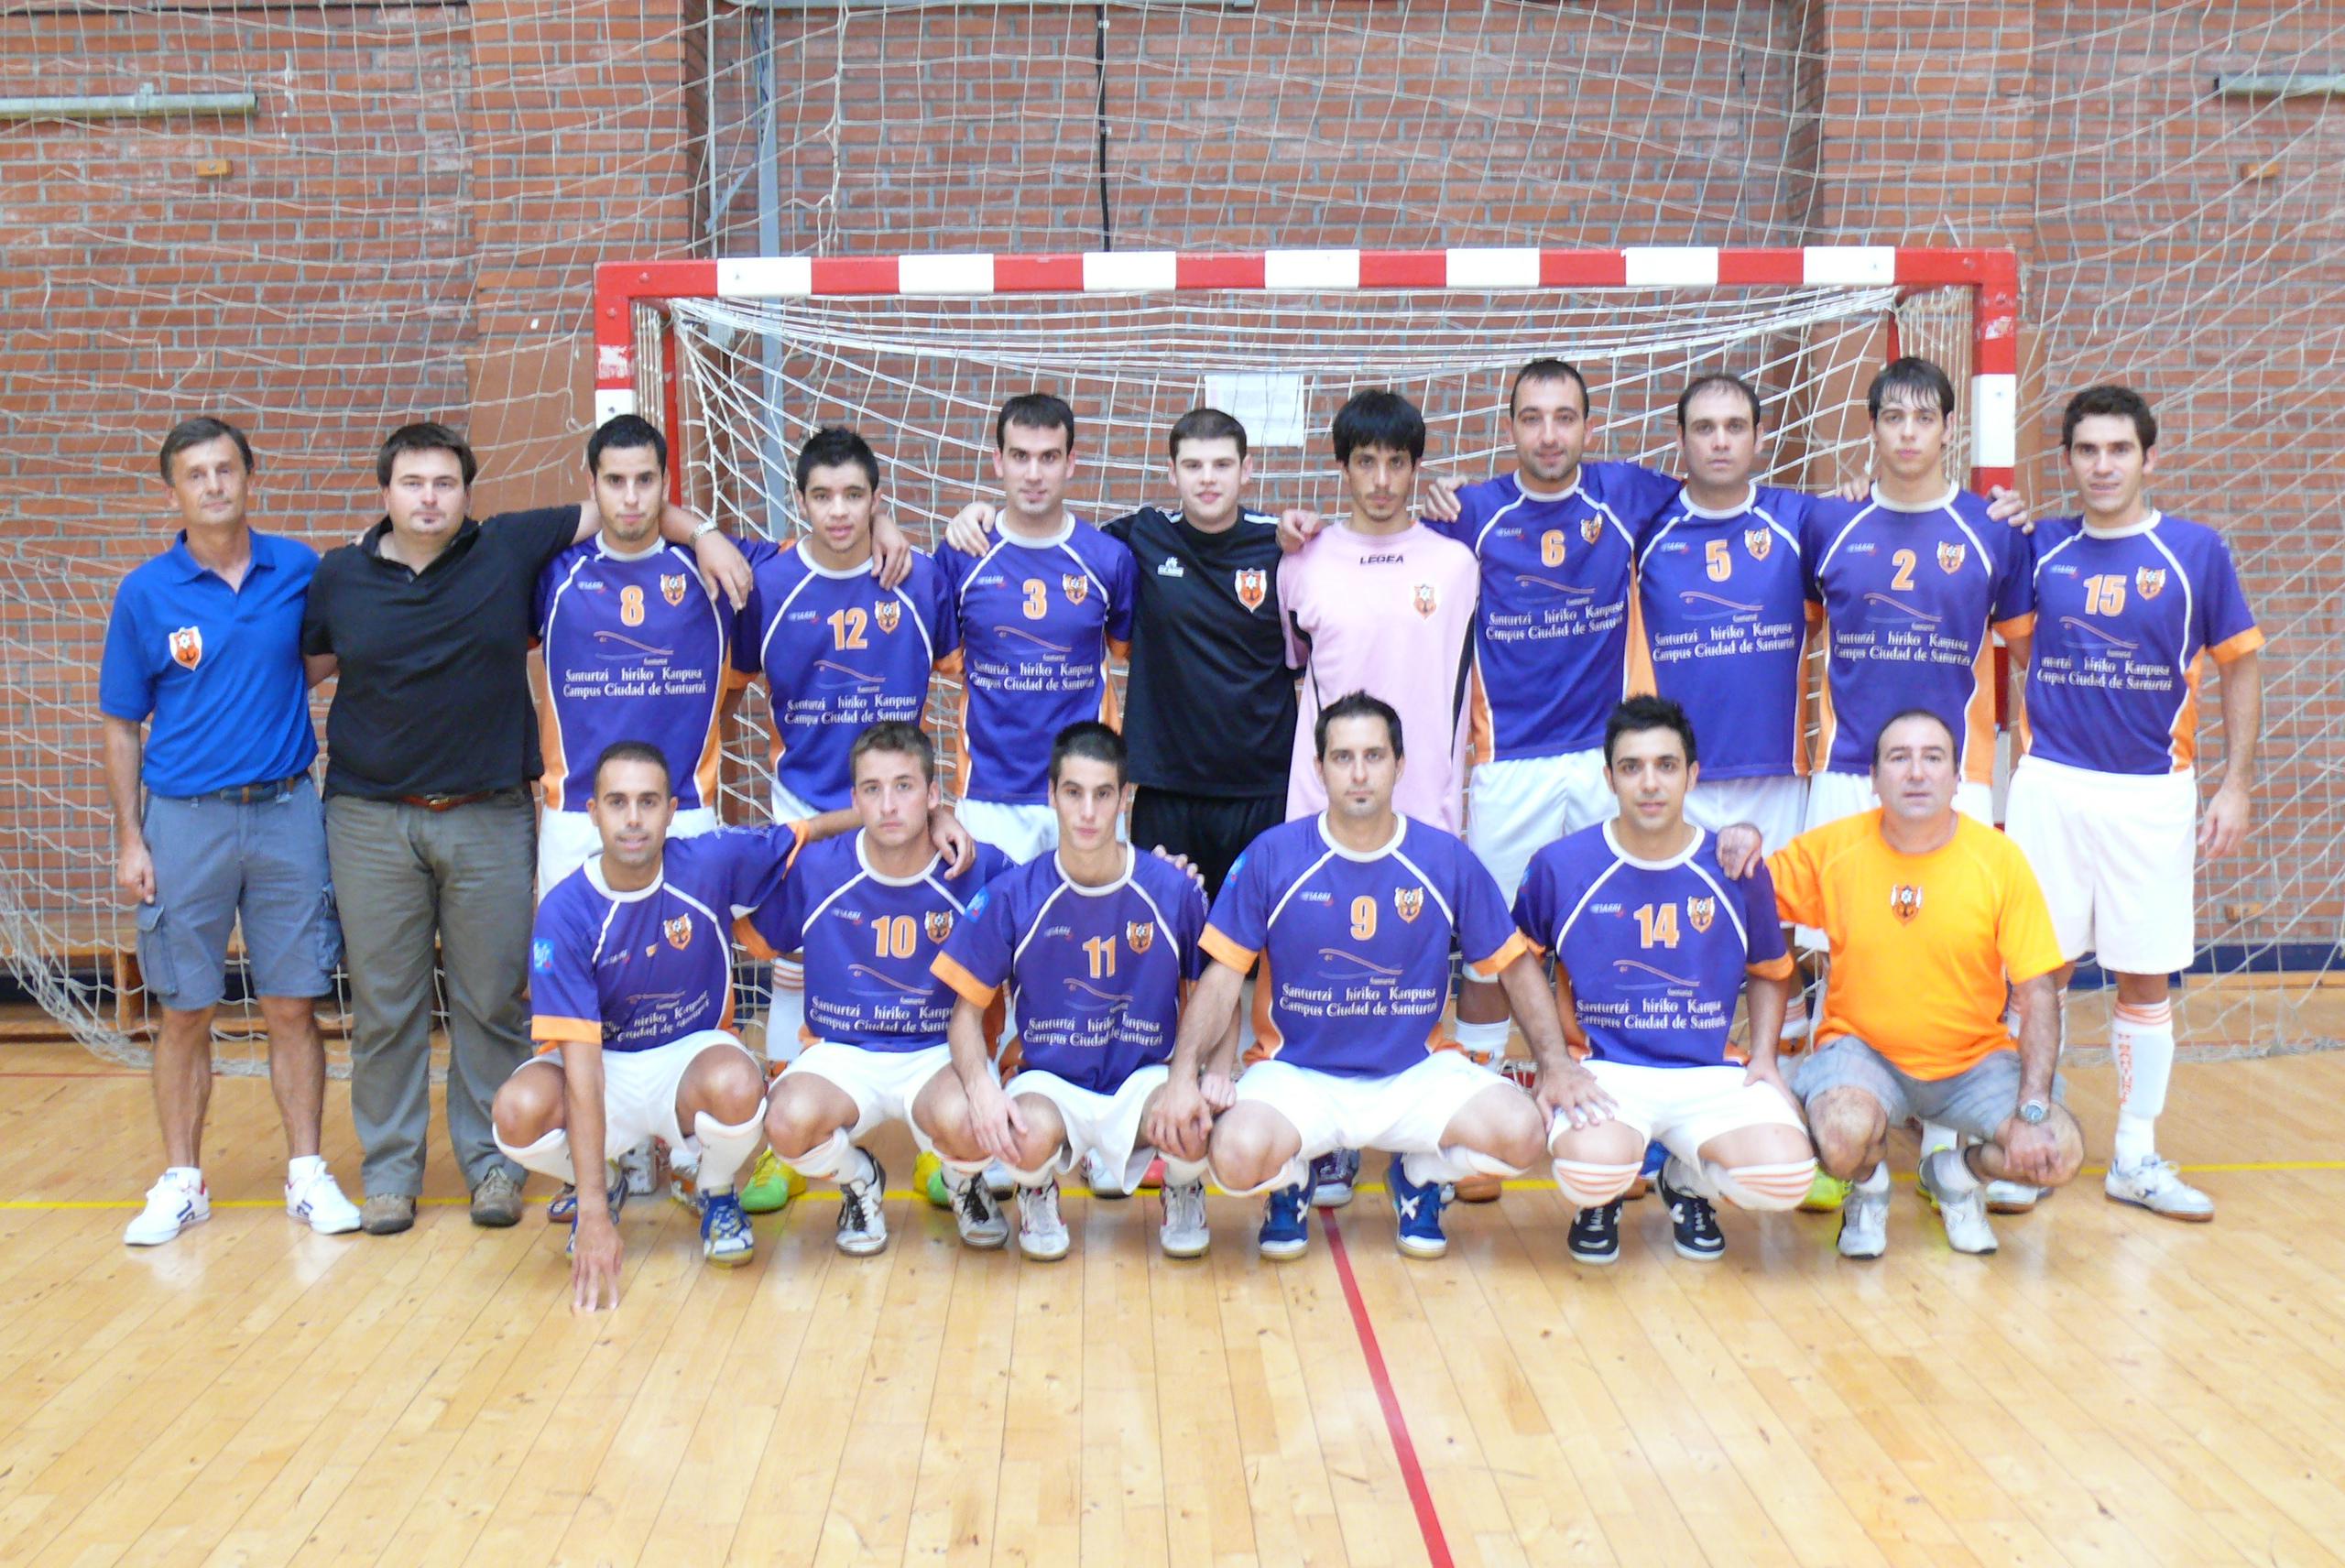 Tercera división 2012/2013